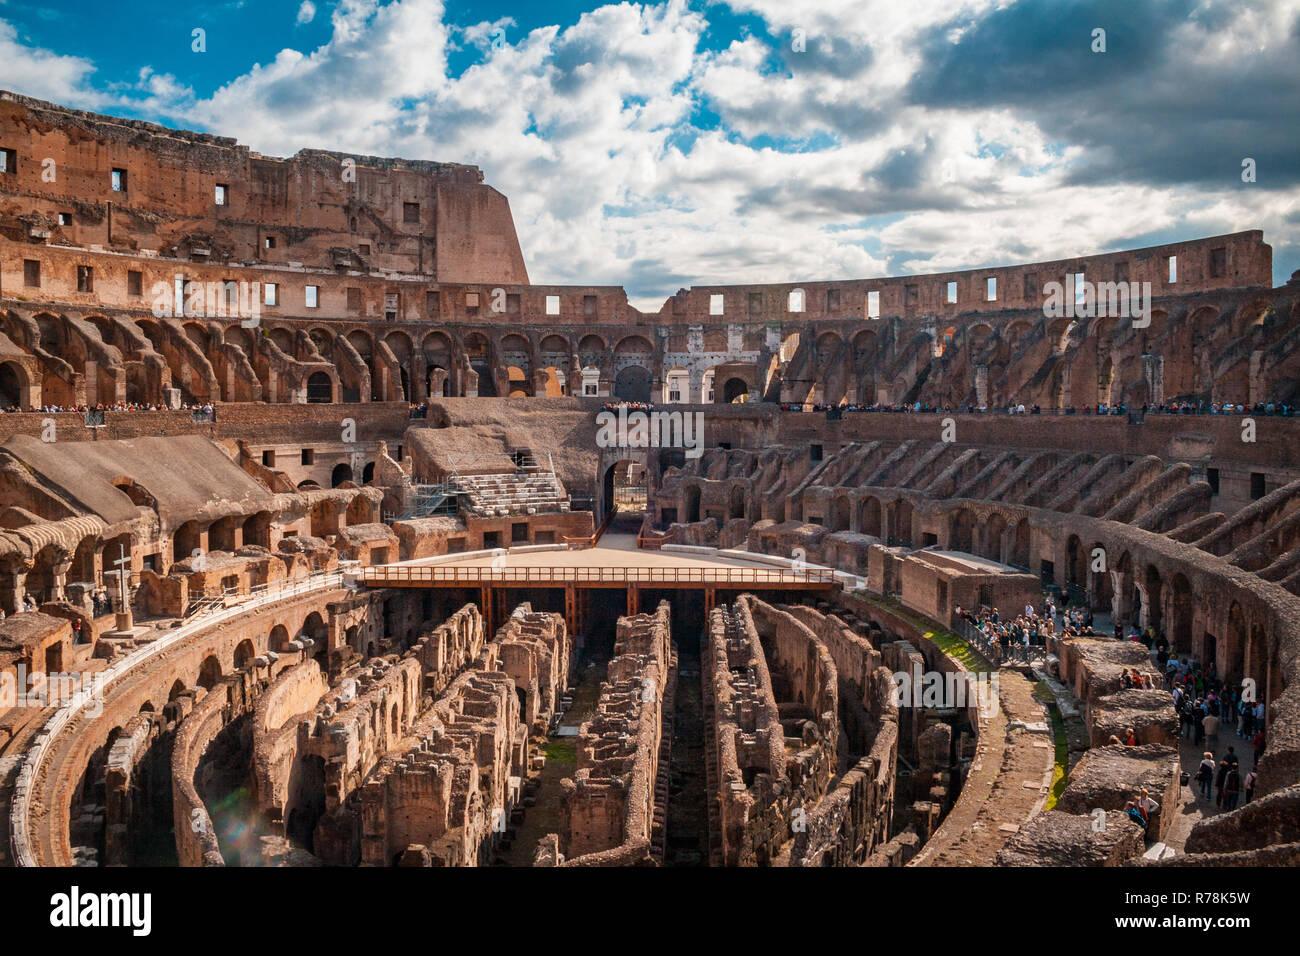 Interior Of The Coliseum Flavian Amphitheater Or Anfiteatro Flavio